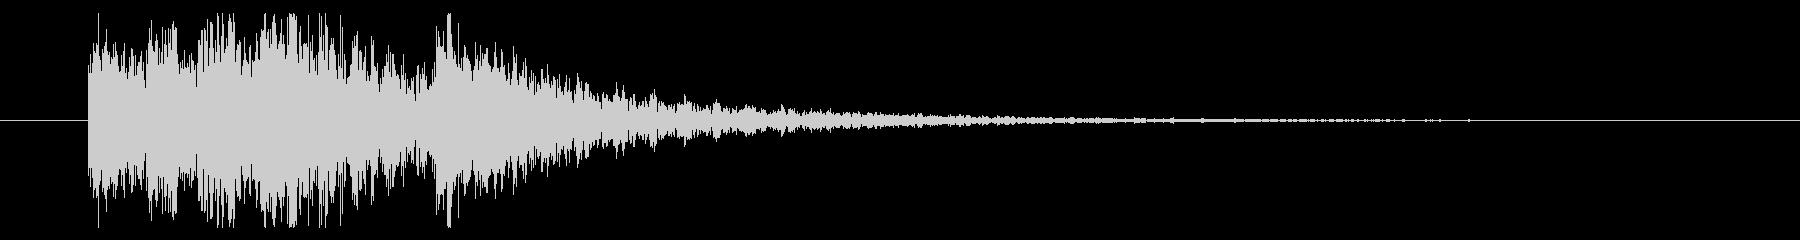 効果音【エラー・失敗・ミス】和風・琴の未再生の波形